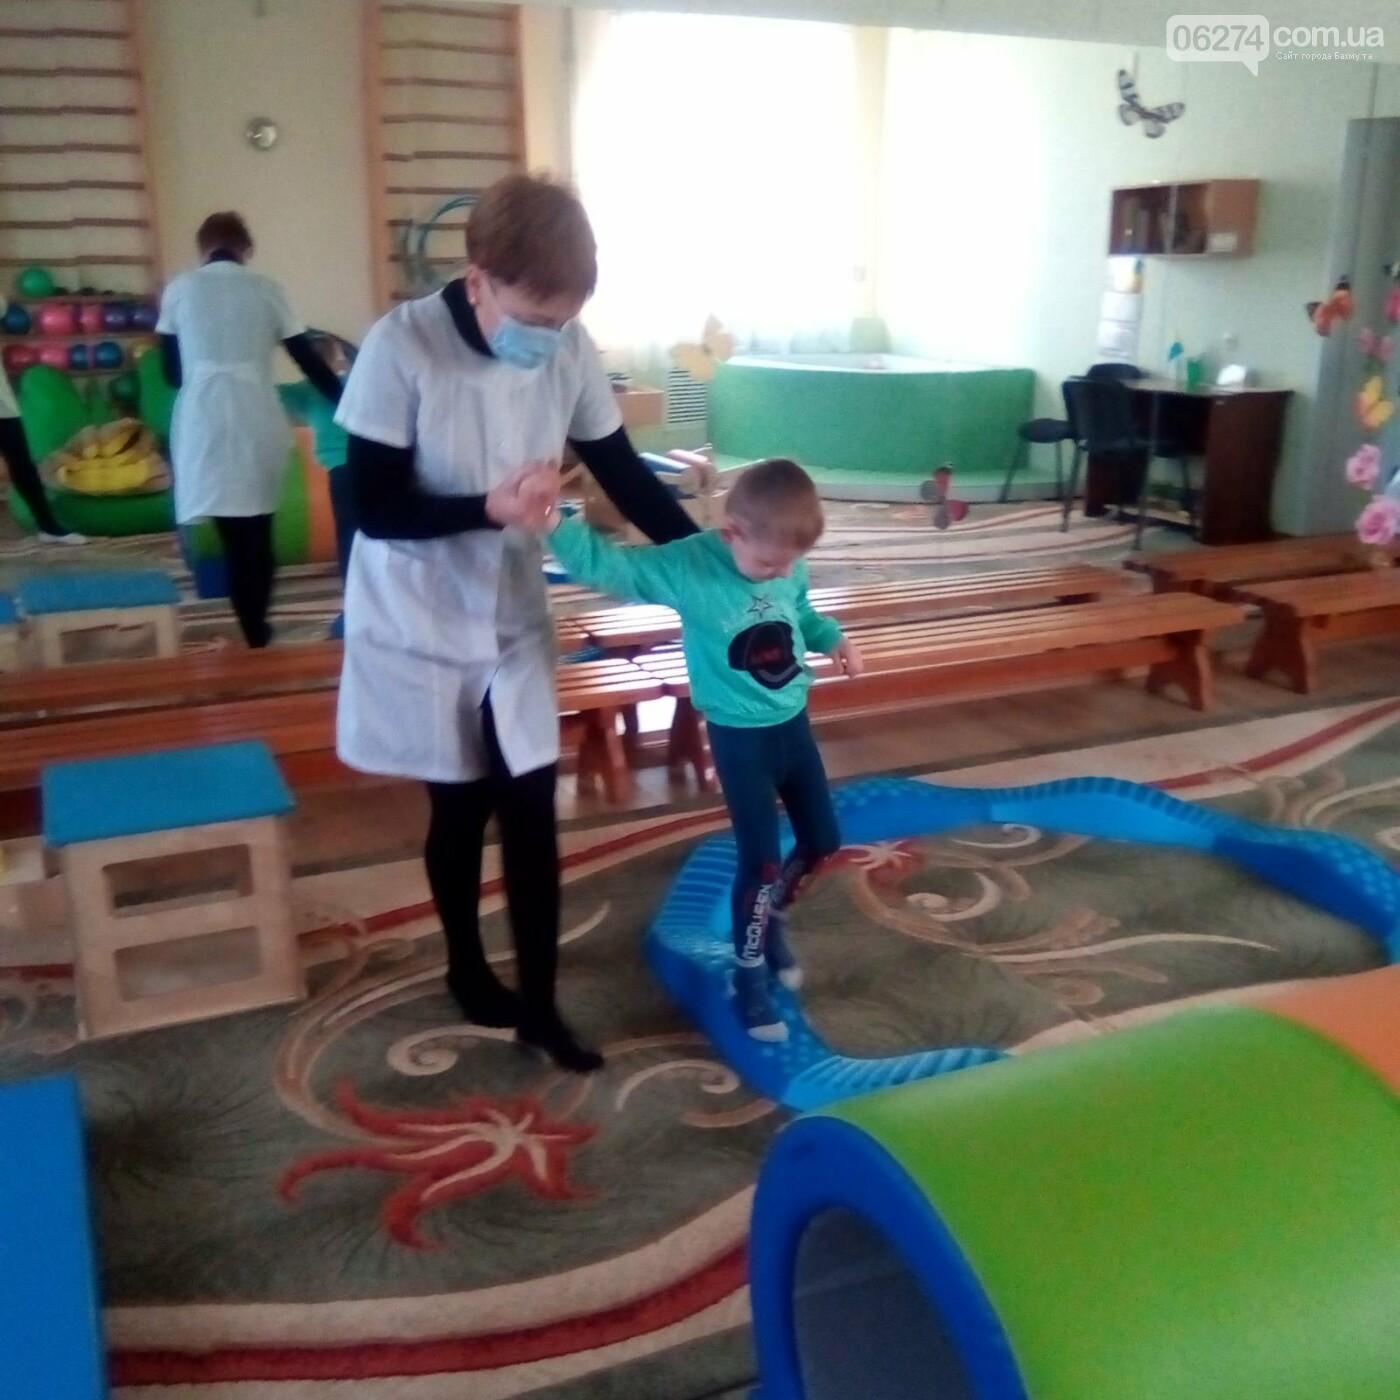 В Бахмутской больнице появилась сенсорная комната для детей, фото-1